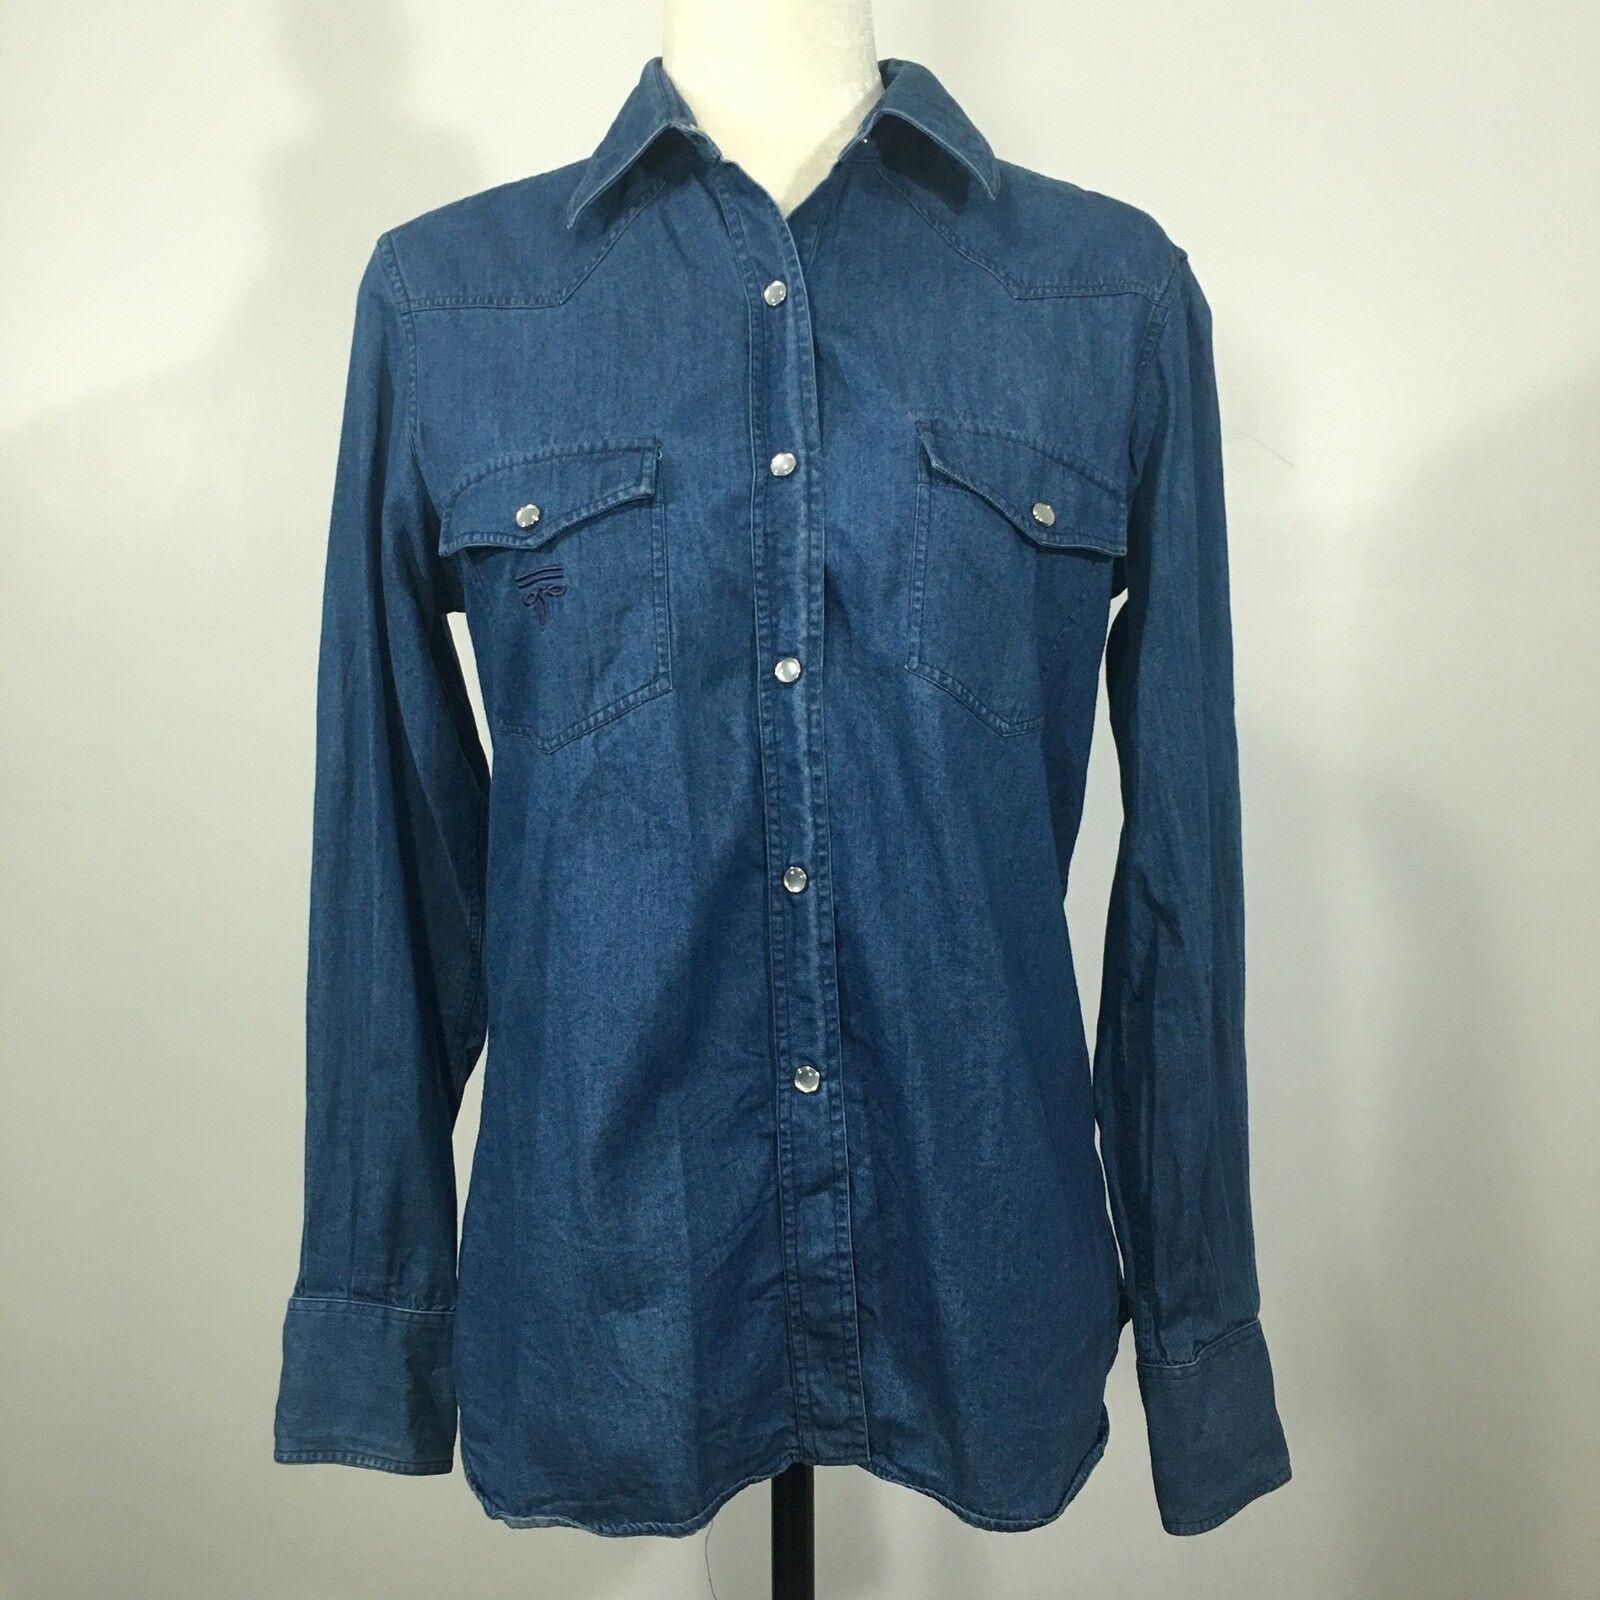 Lucchese Vintage damen's Größe 6 Denim Snap Western Blau Made in USA